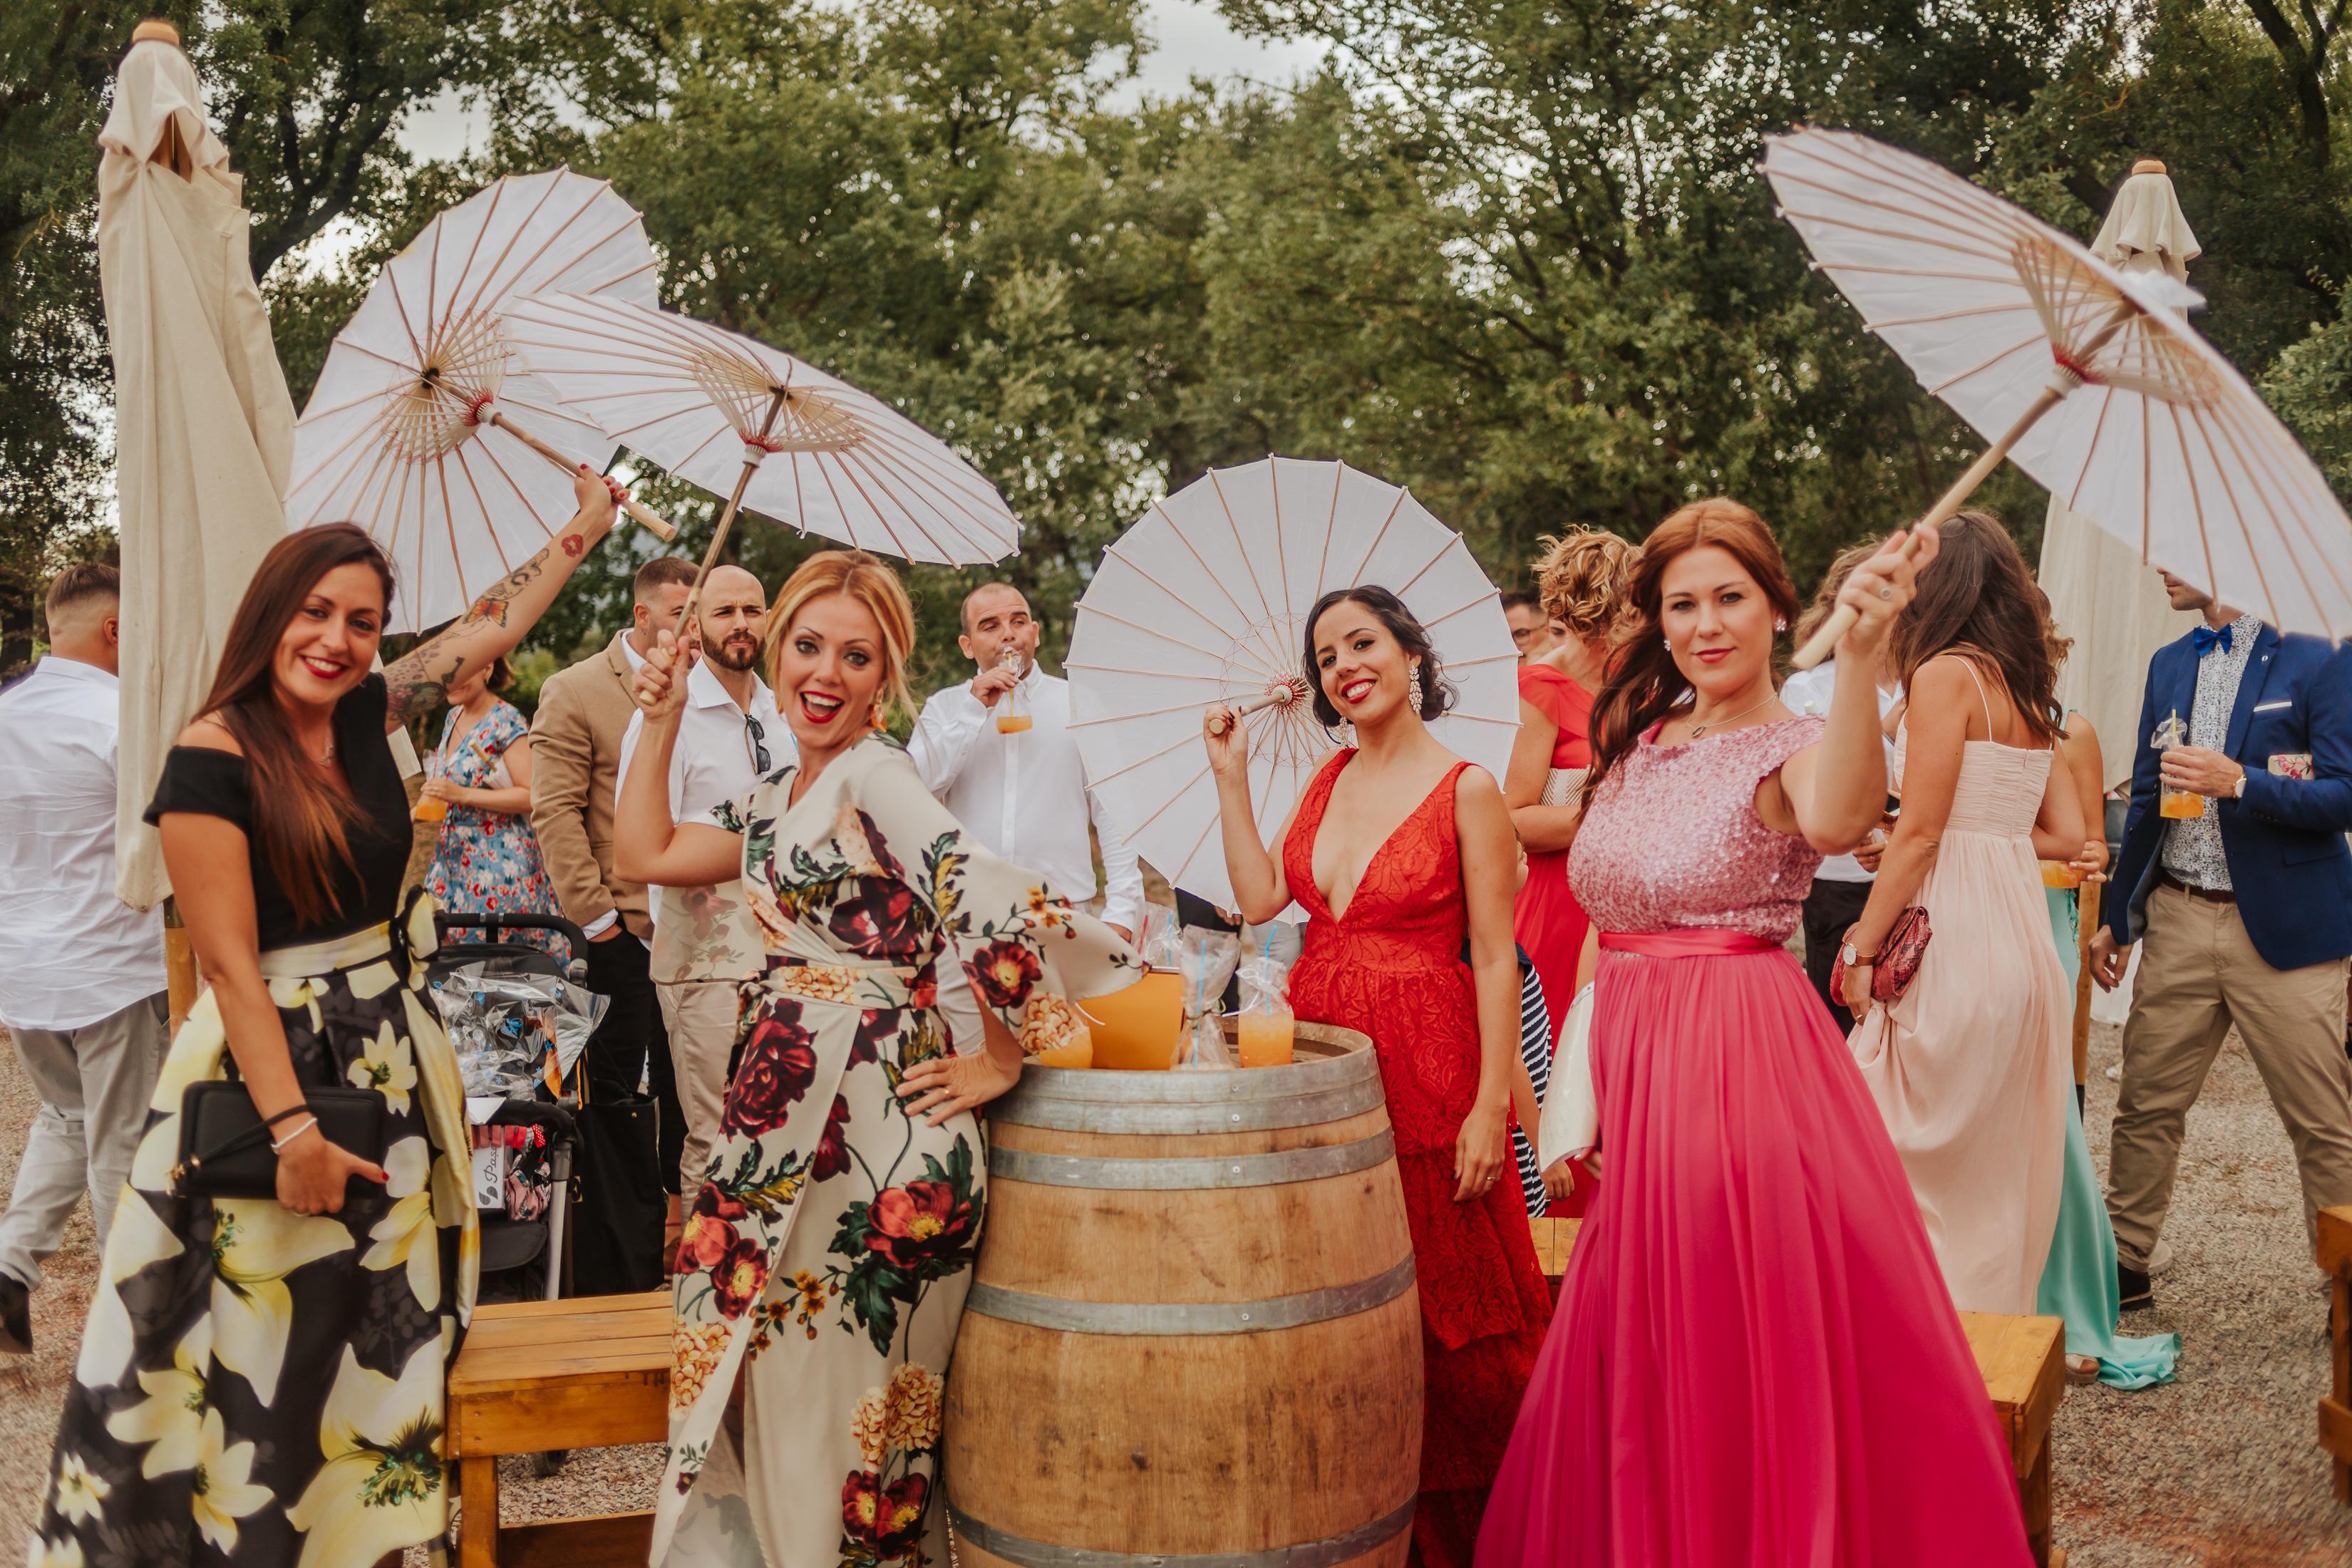 Fotógrafo boda barcelona :: Bodas nómades :: Casaments al Bosc :: Boda en un viñedo :: Boda entre viñas :: Boda en una bodega :: bodegas abadal :: boda en bodegas abadal